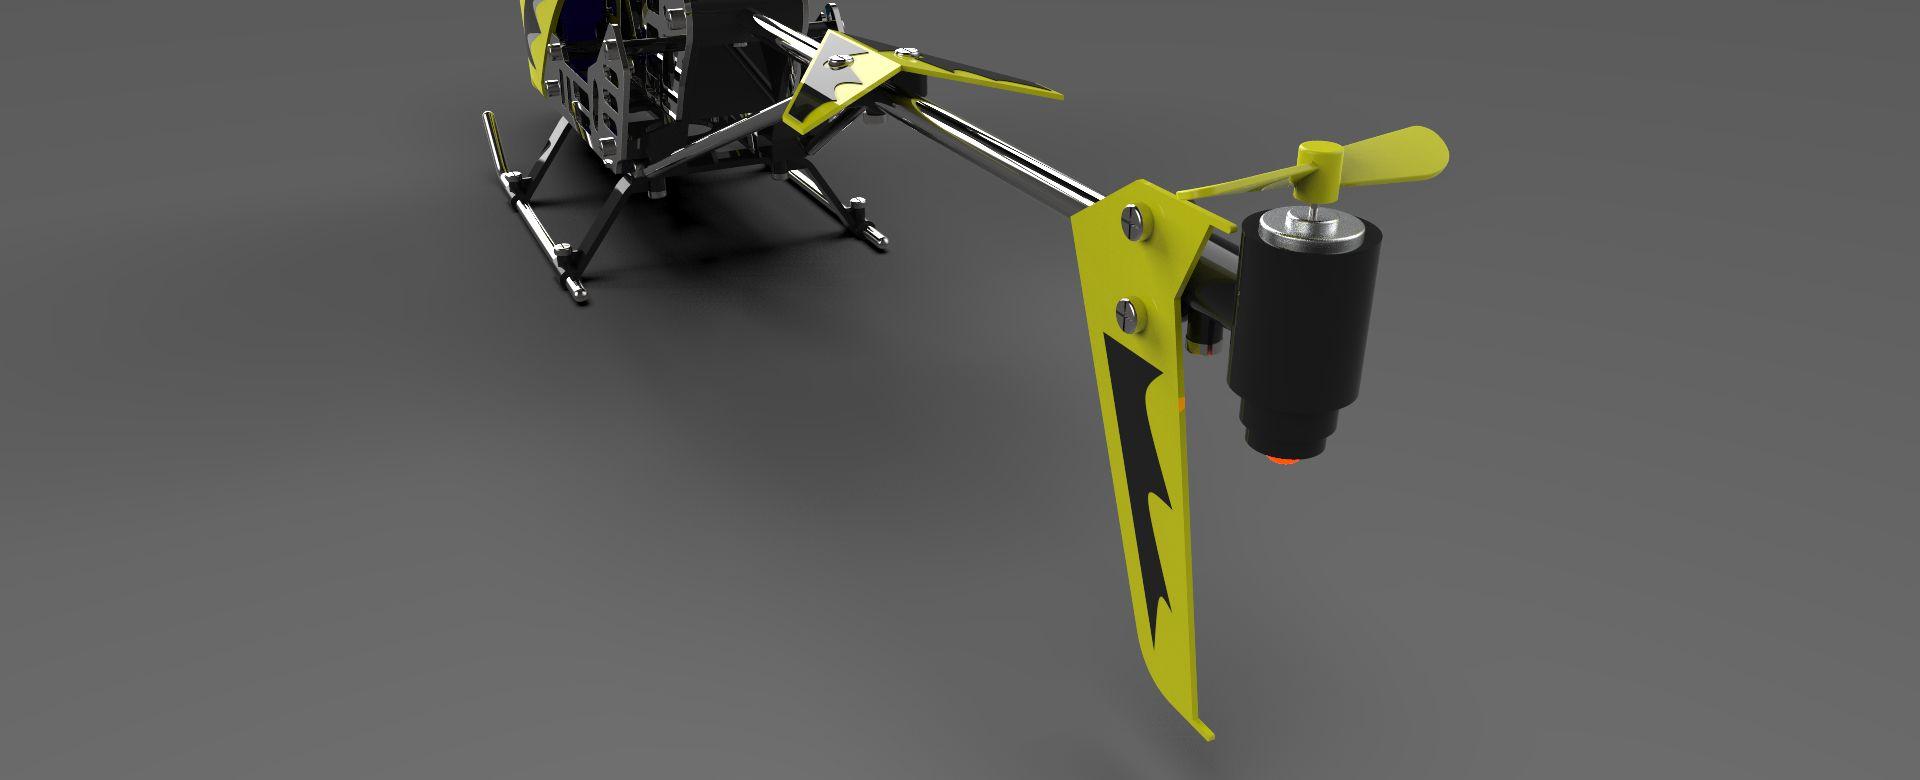 Choper-174-3500-3500